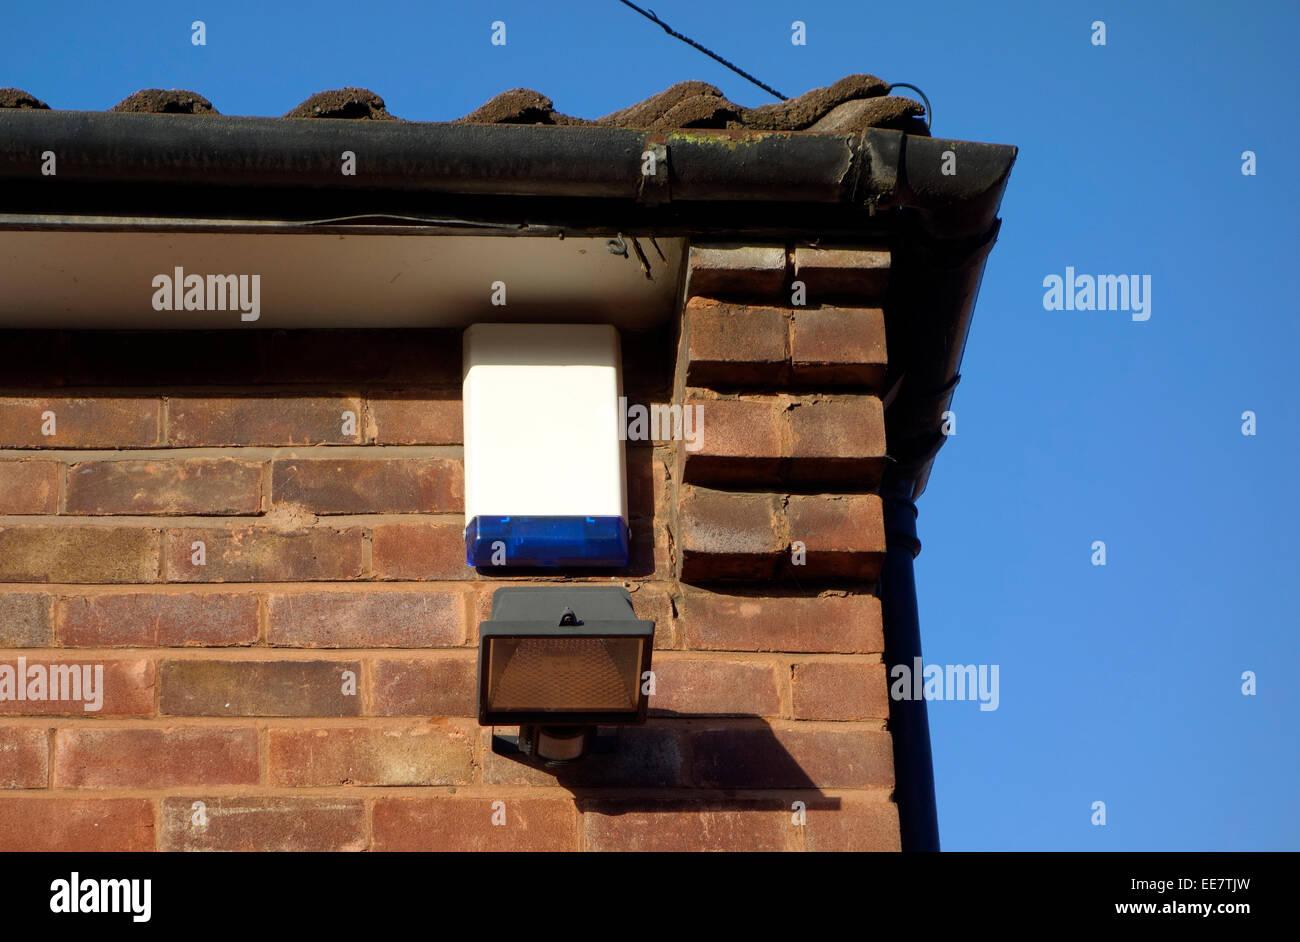 Casa box allarme e alogeno illuminazione di sicurezza su un lato